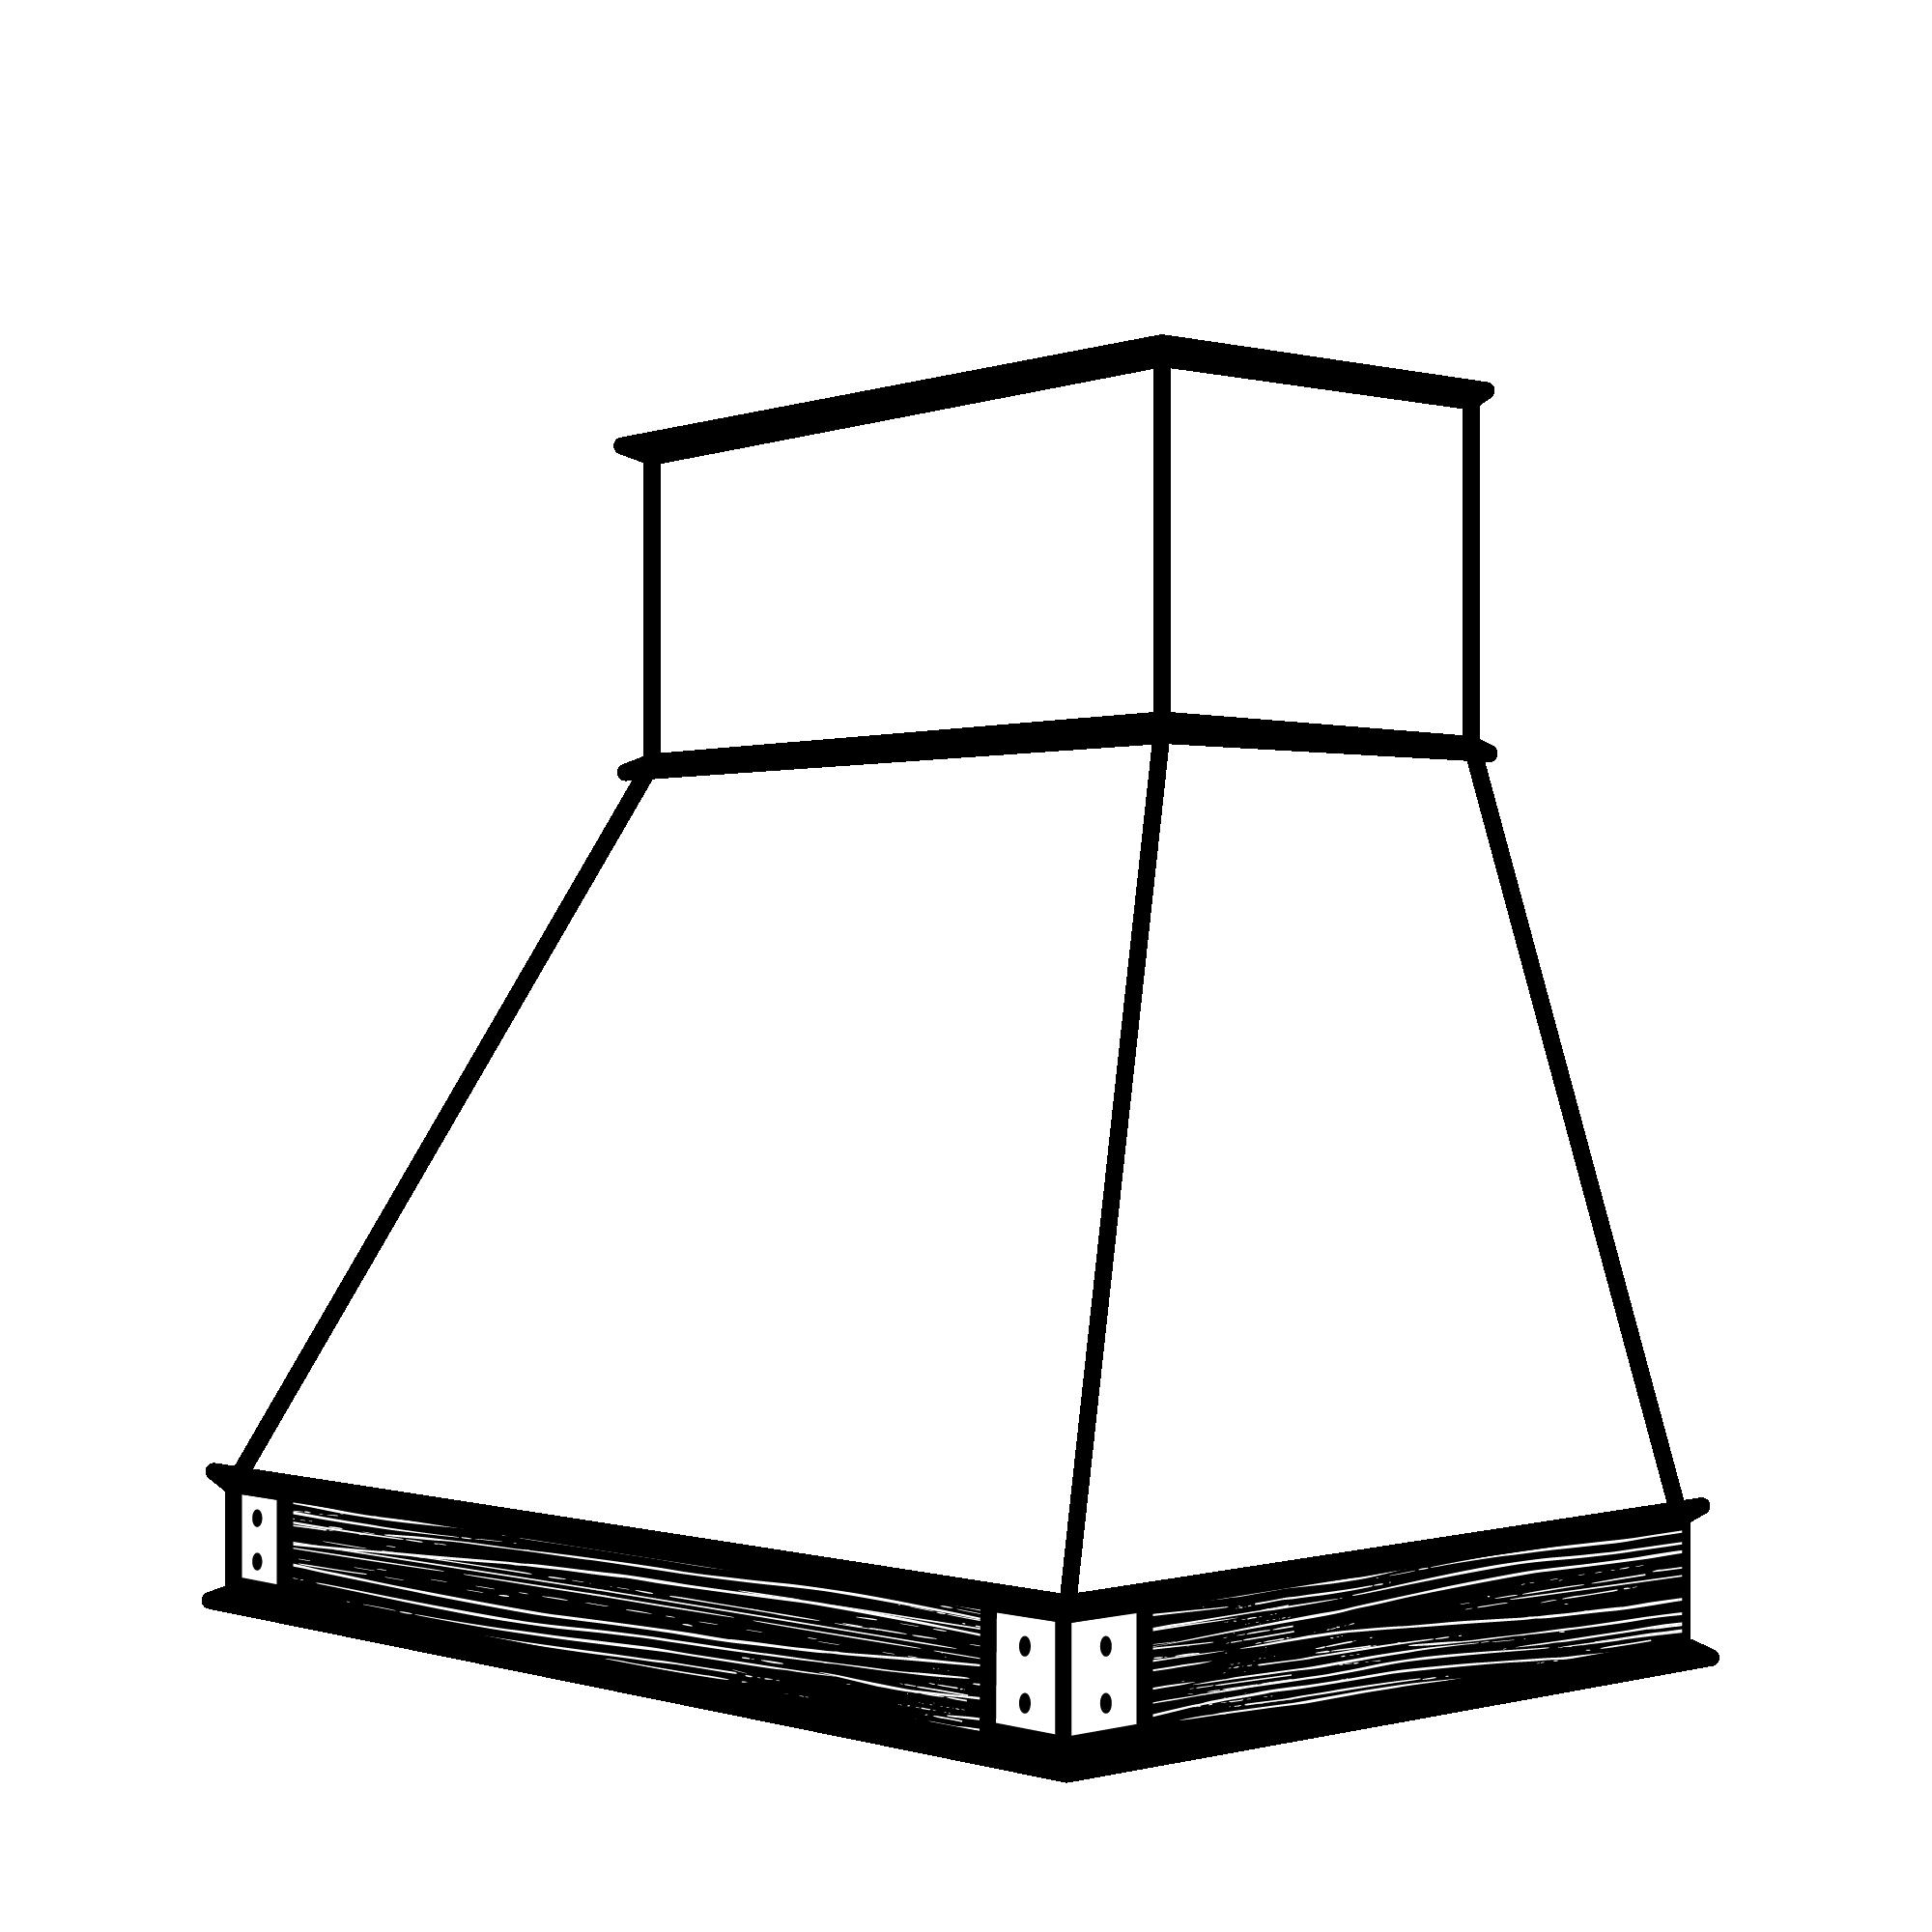 Duo_line_art_7-01